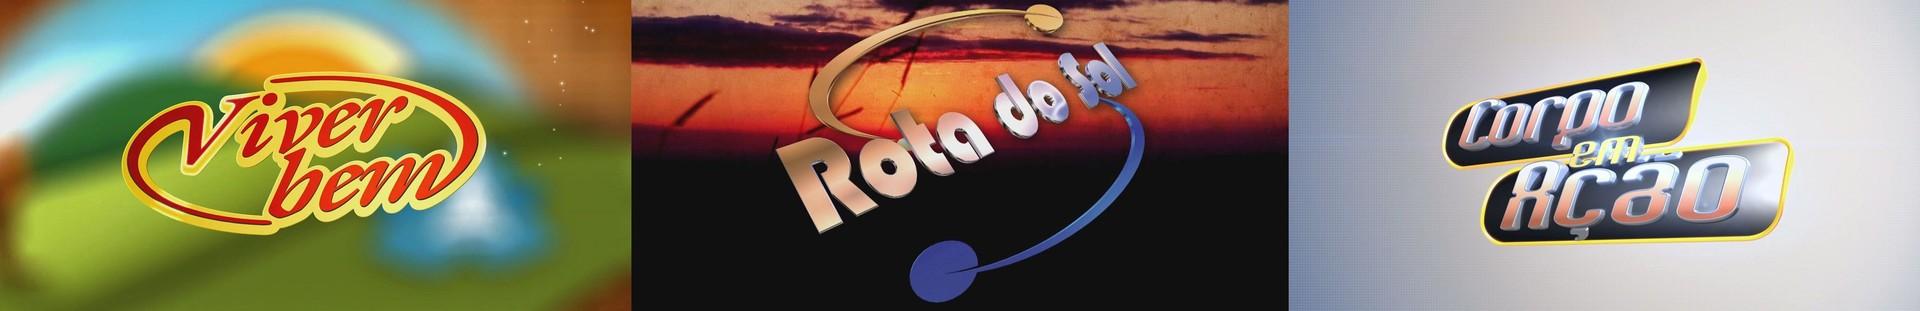 Programas local da TV Tribuna (Foto: Reprodução)